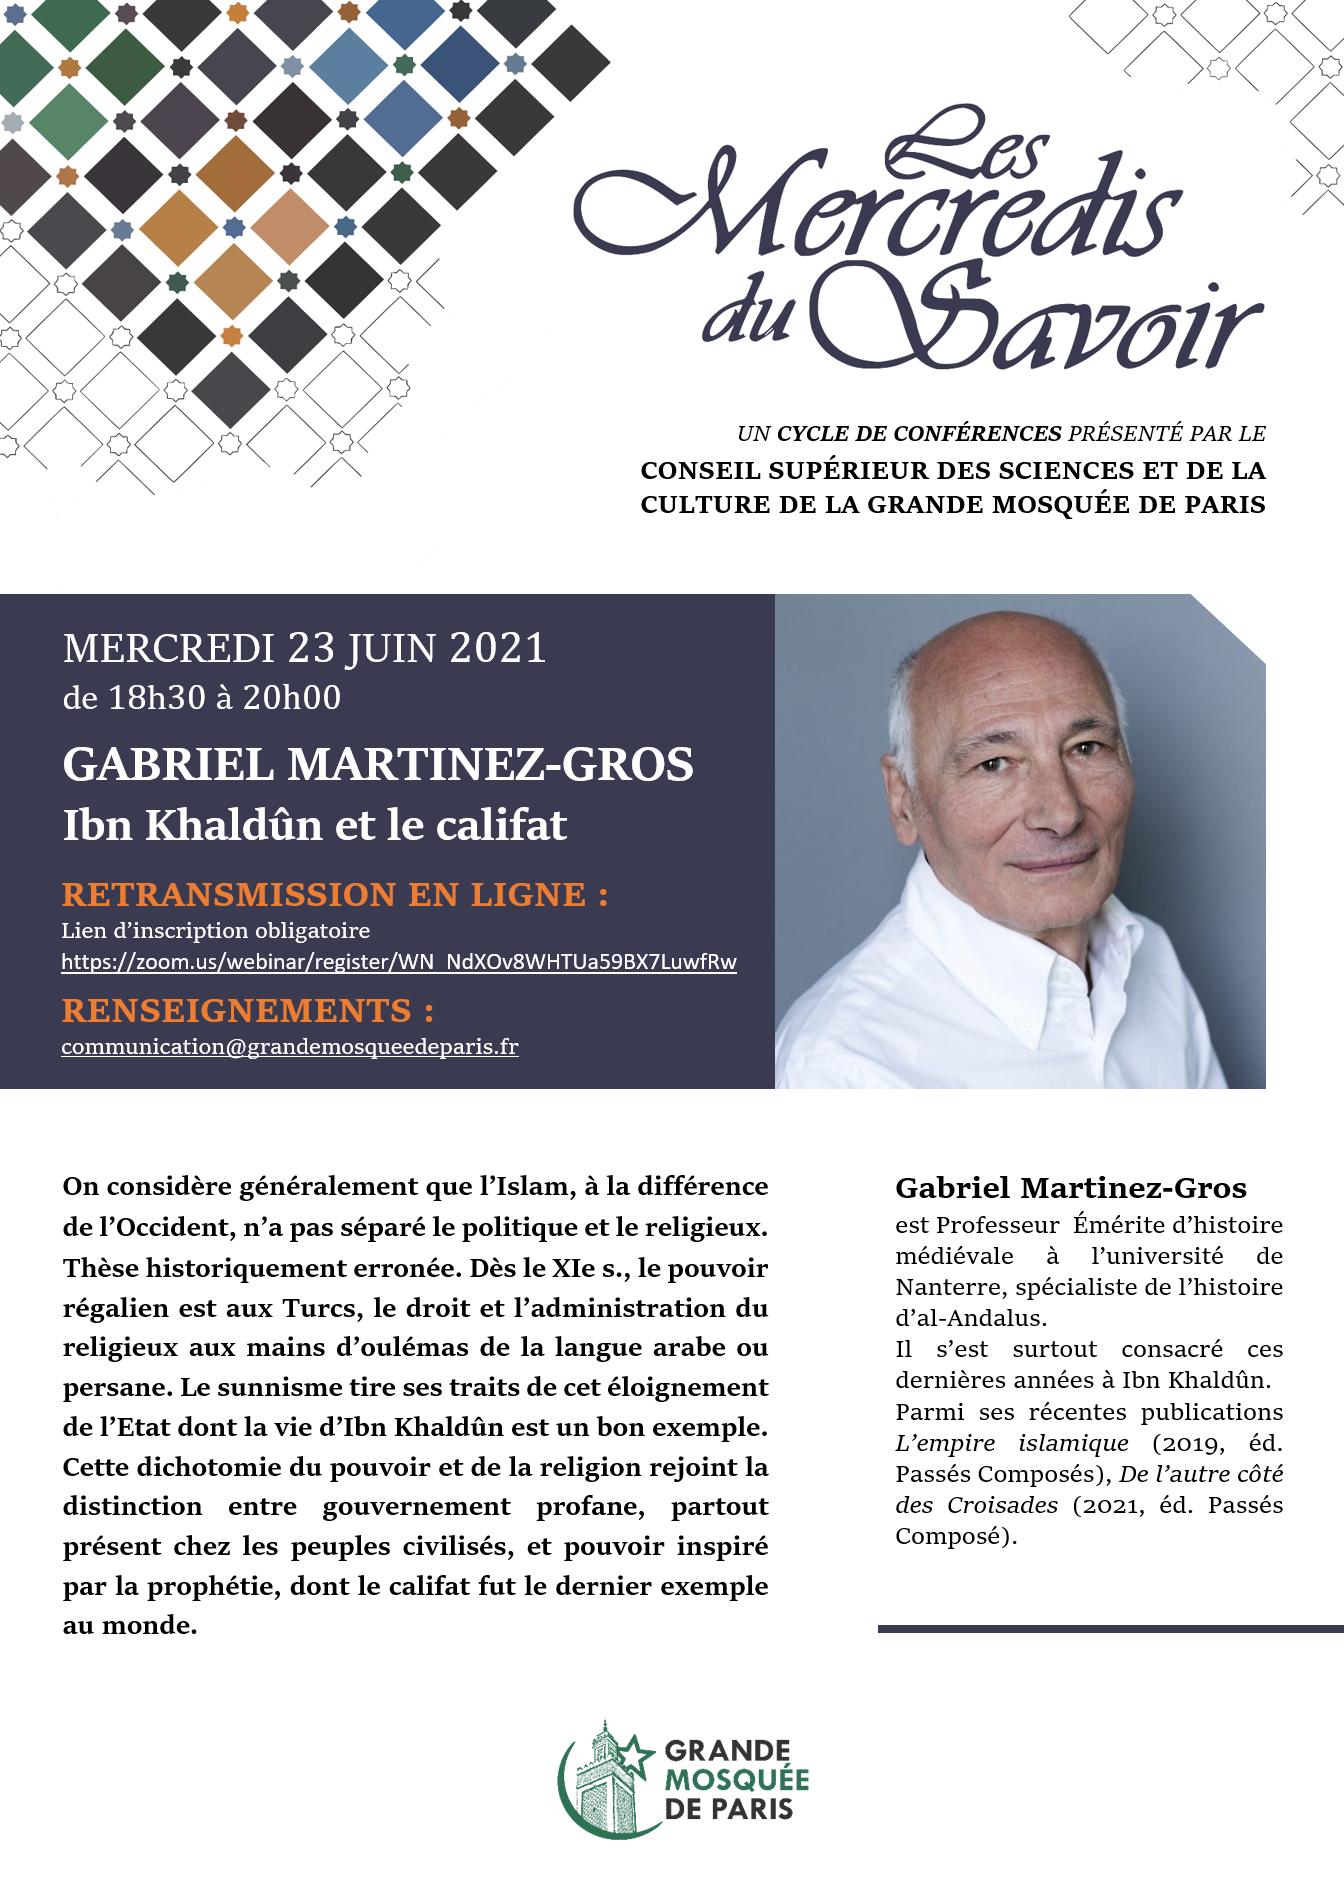 Mercredi du Savoir - Pr Martinez-Gros - 23 juin 2021